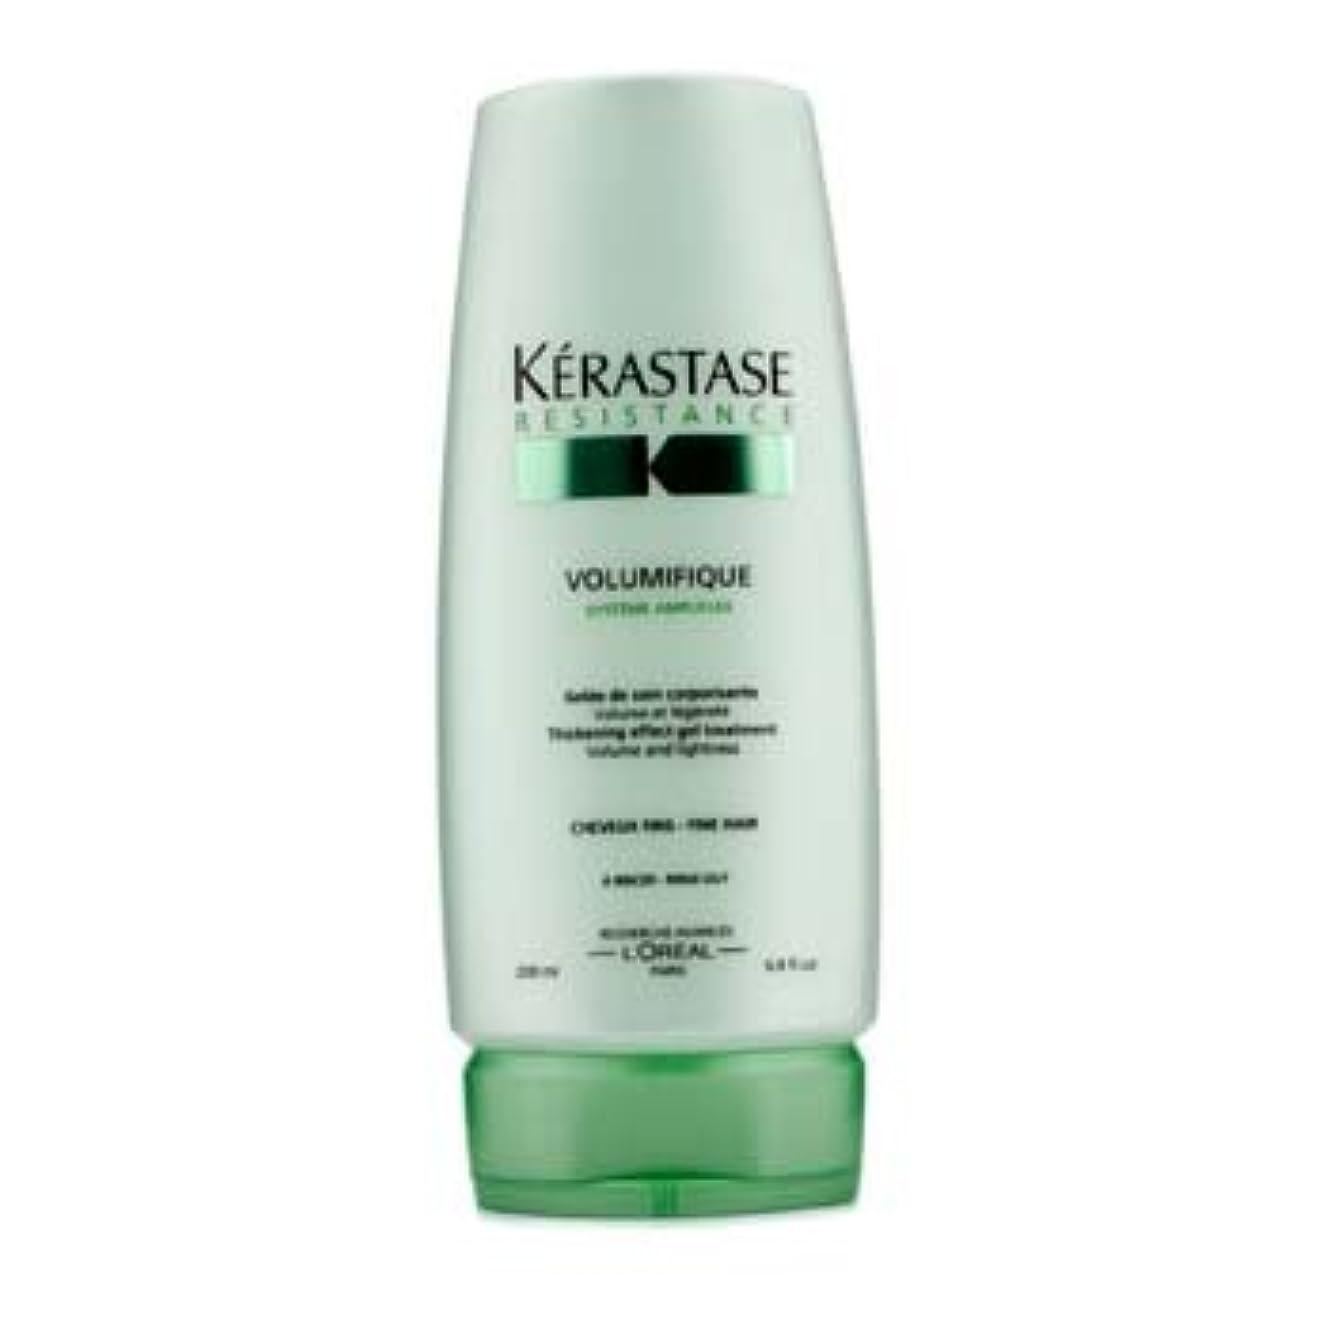 資格赤外線タイヤケラスターゼ Resistance Volumifique Thickening Effect Gel Treatment (For Fine Hair) 200ml/6.8oz並行輸入品